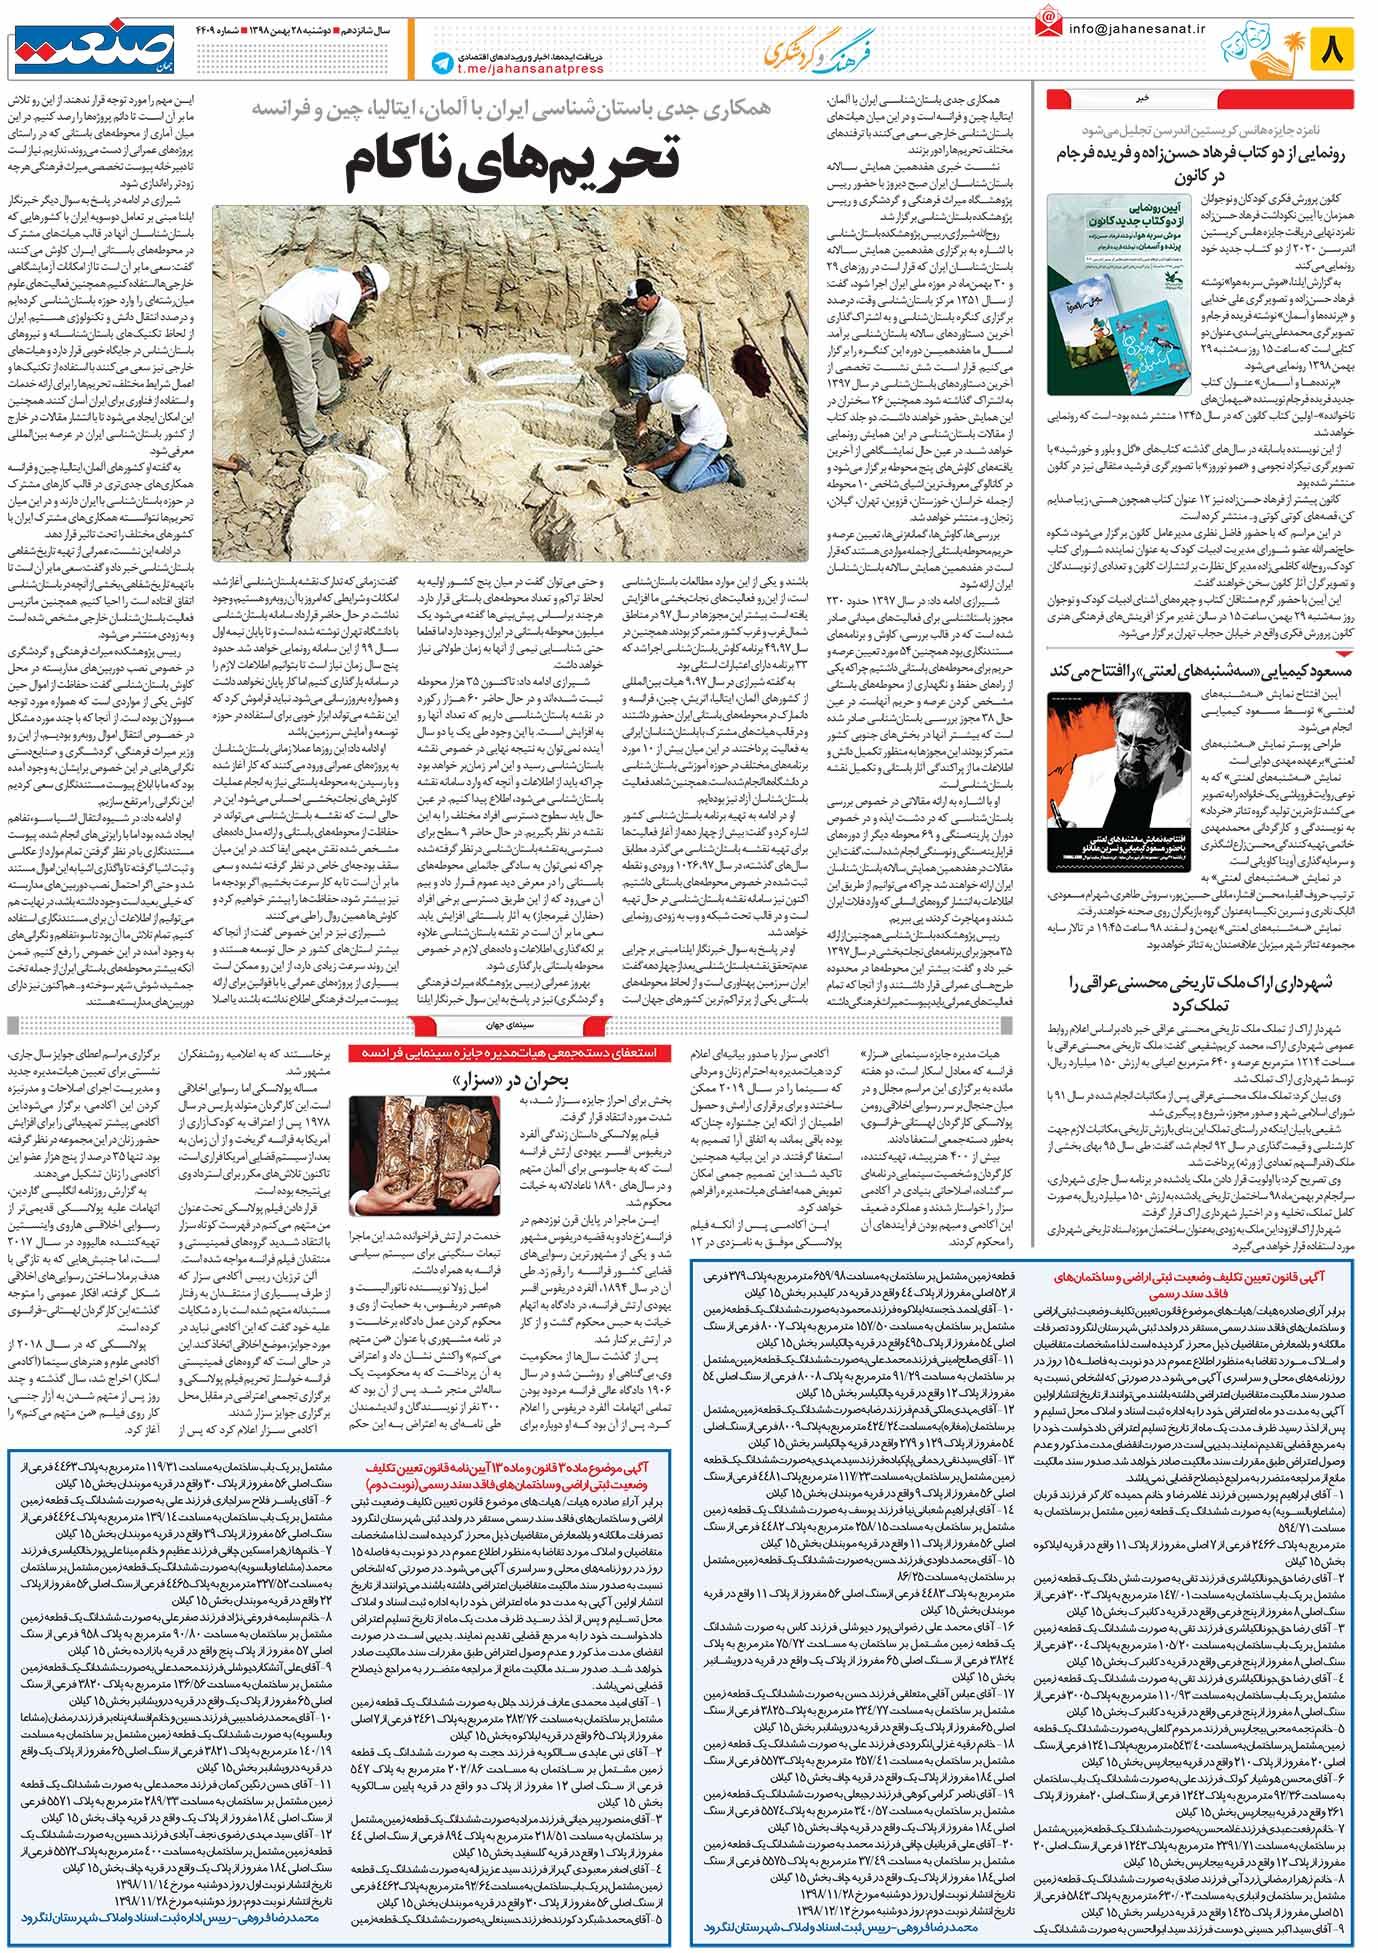 صفحه ۰۸- ۲۸ بهمن ۱۳۹۸